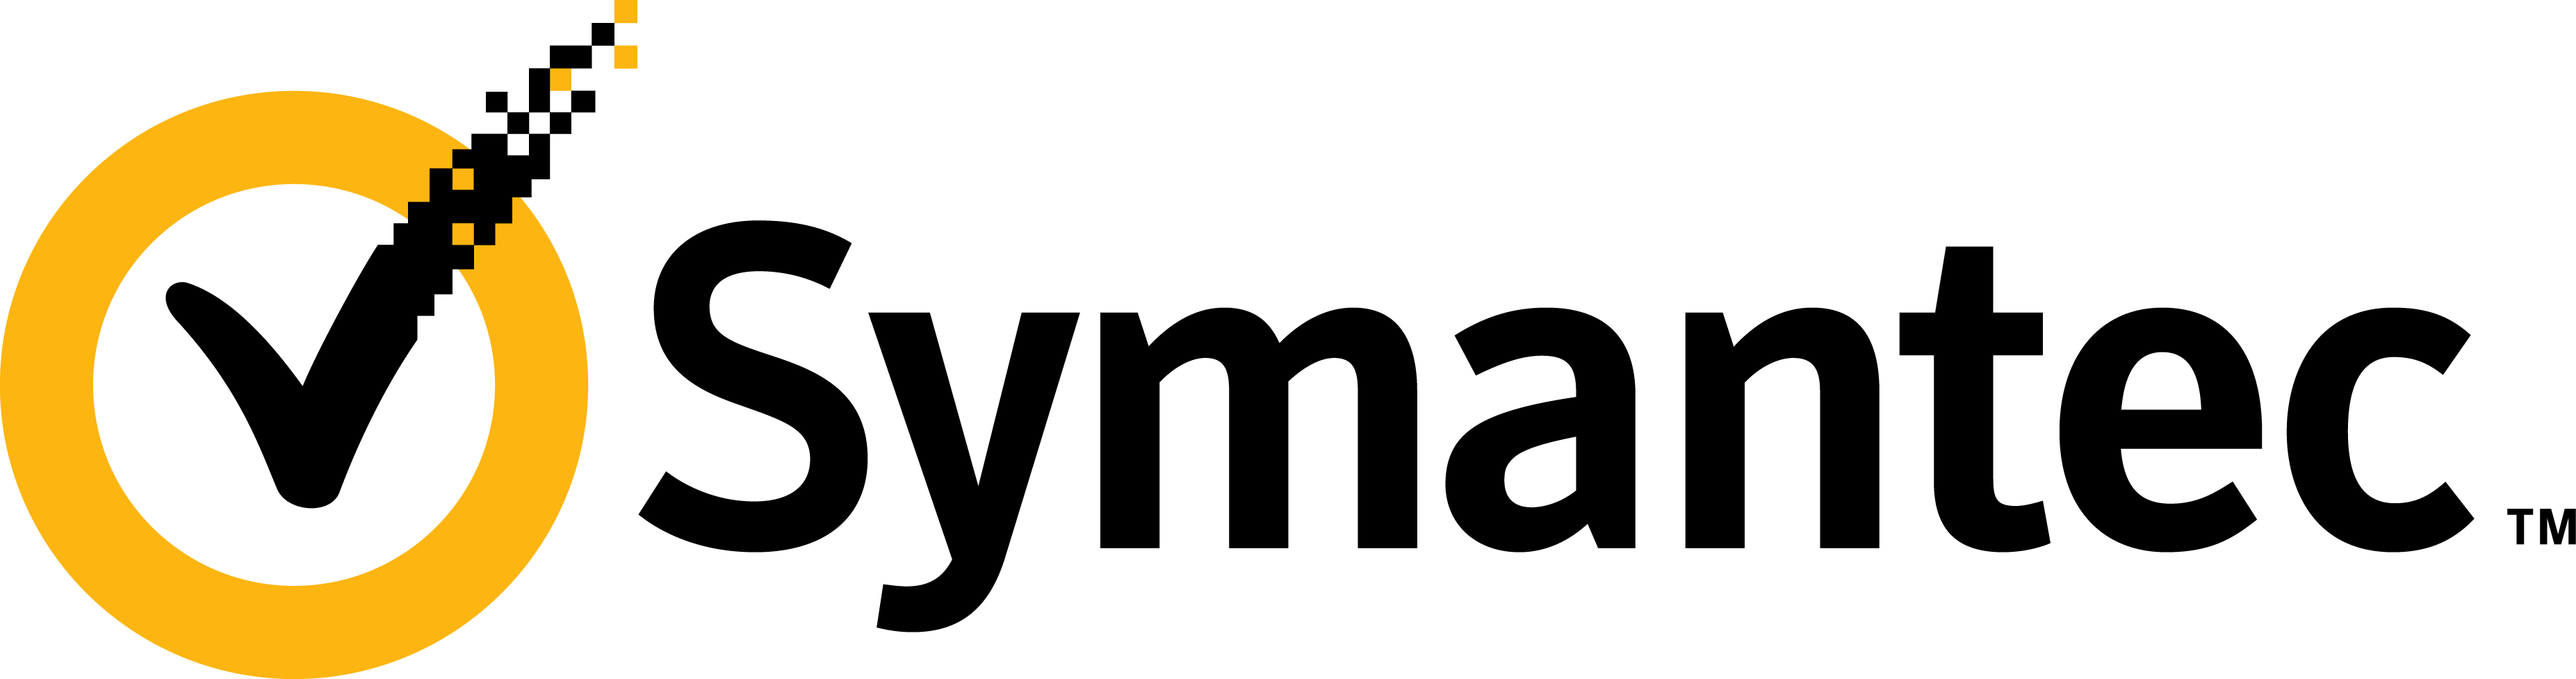 Symantec_logo_horizontal_2010